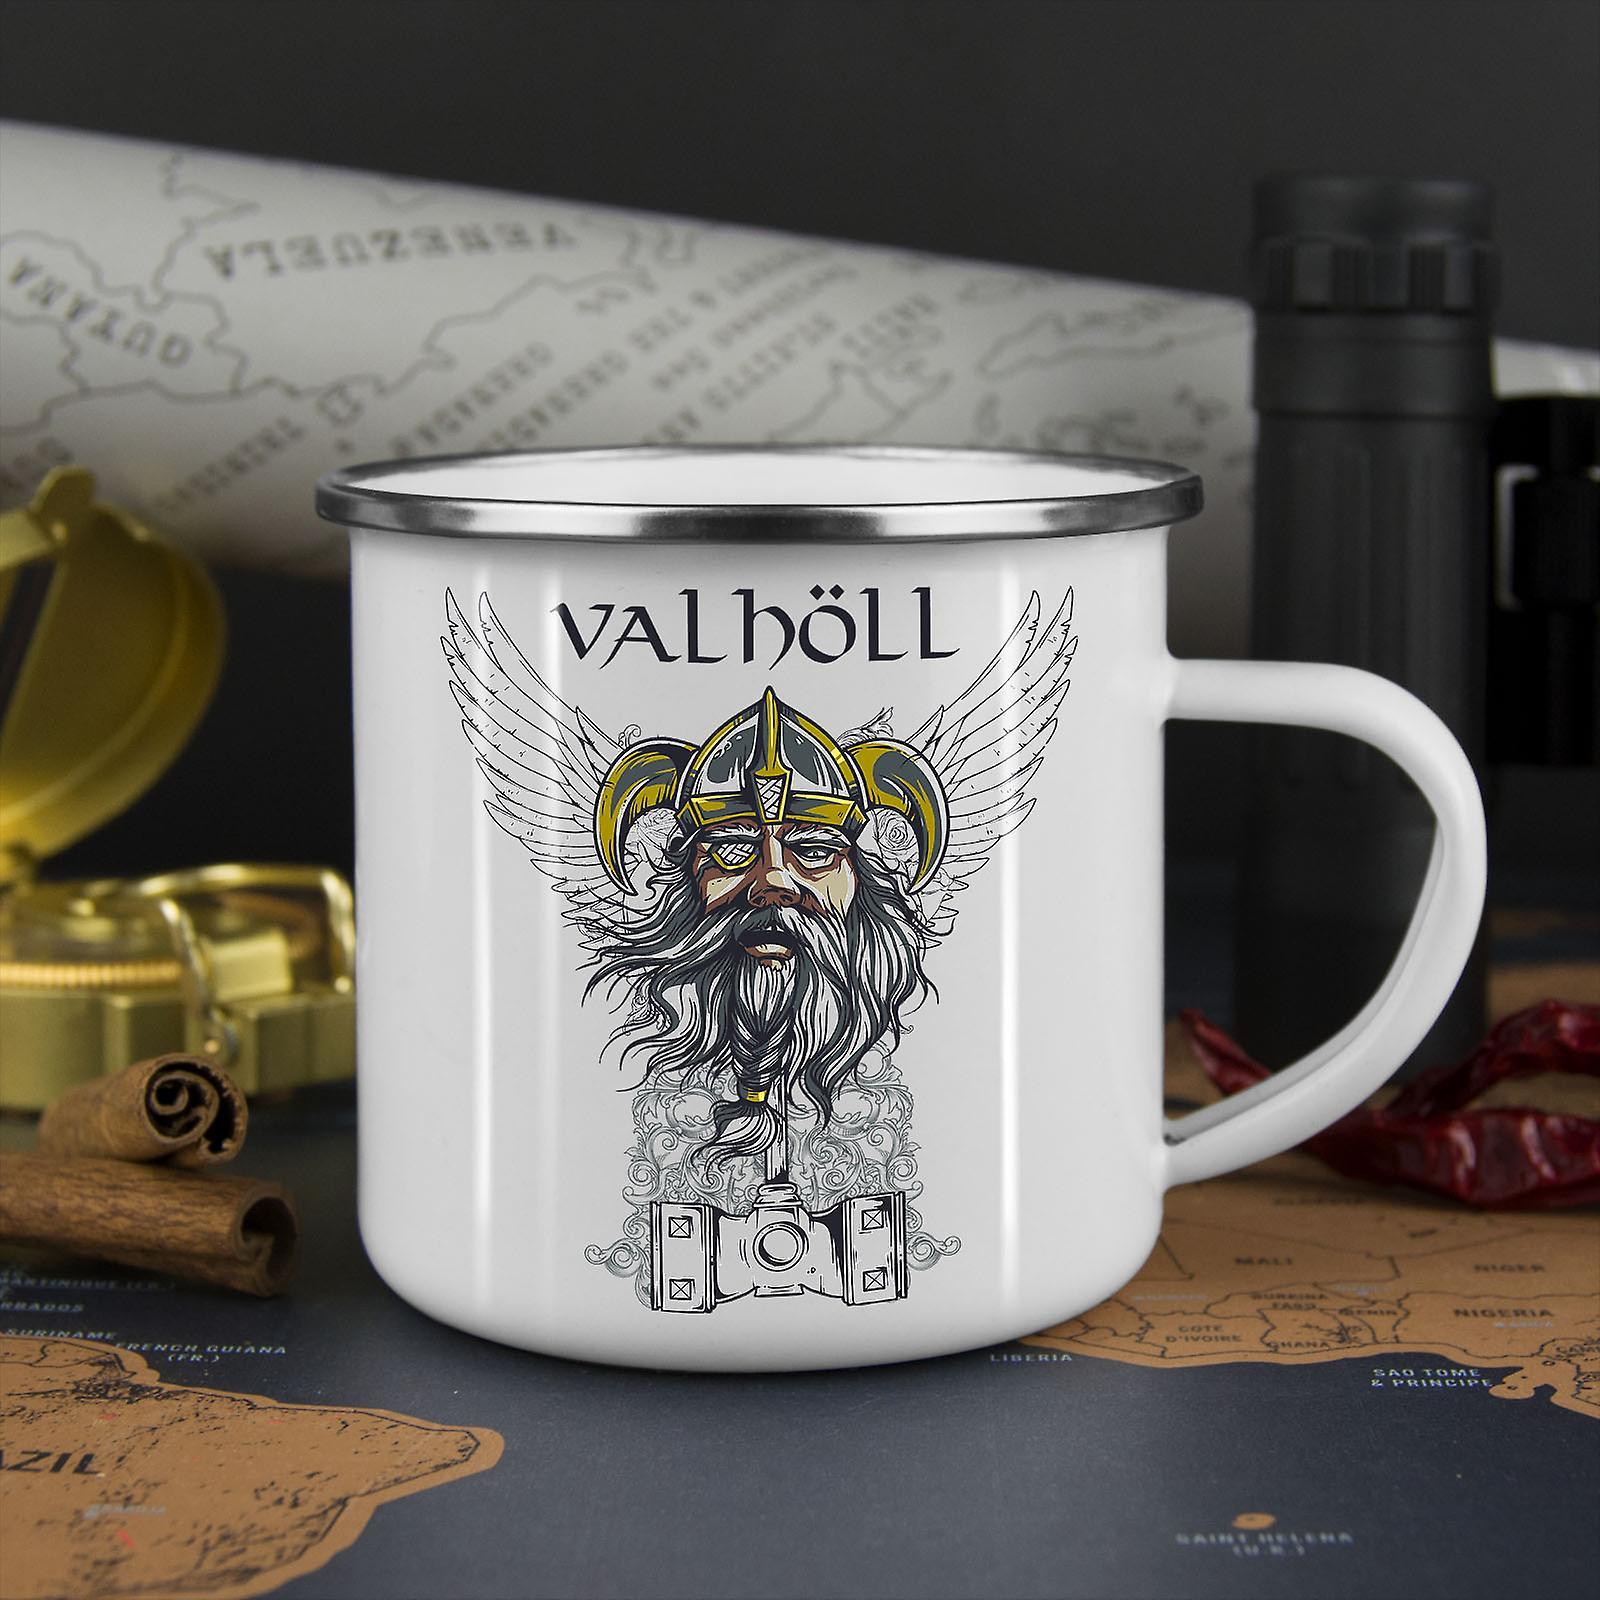 Valhöll Norden Krieg neue WhiteTea Kaffee Emaille Mug10 oz | Wellcoda